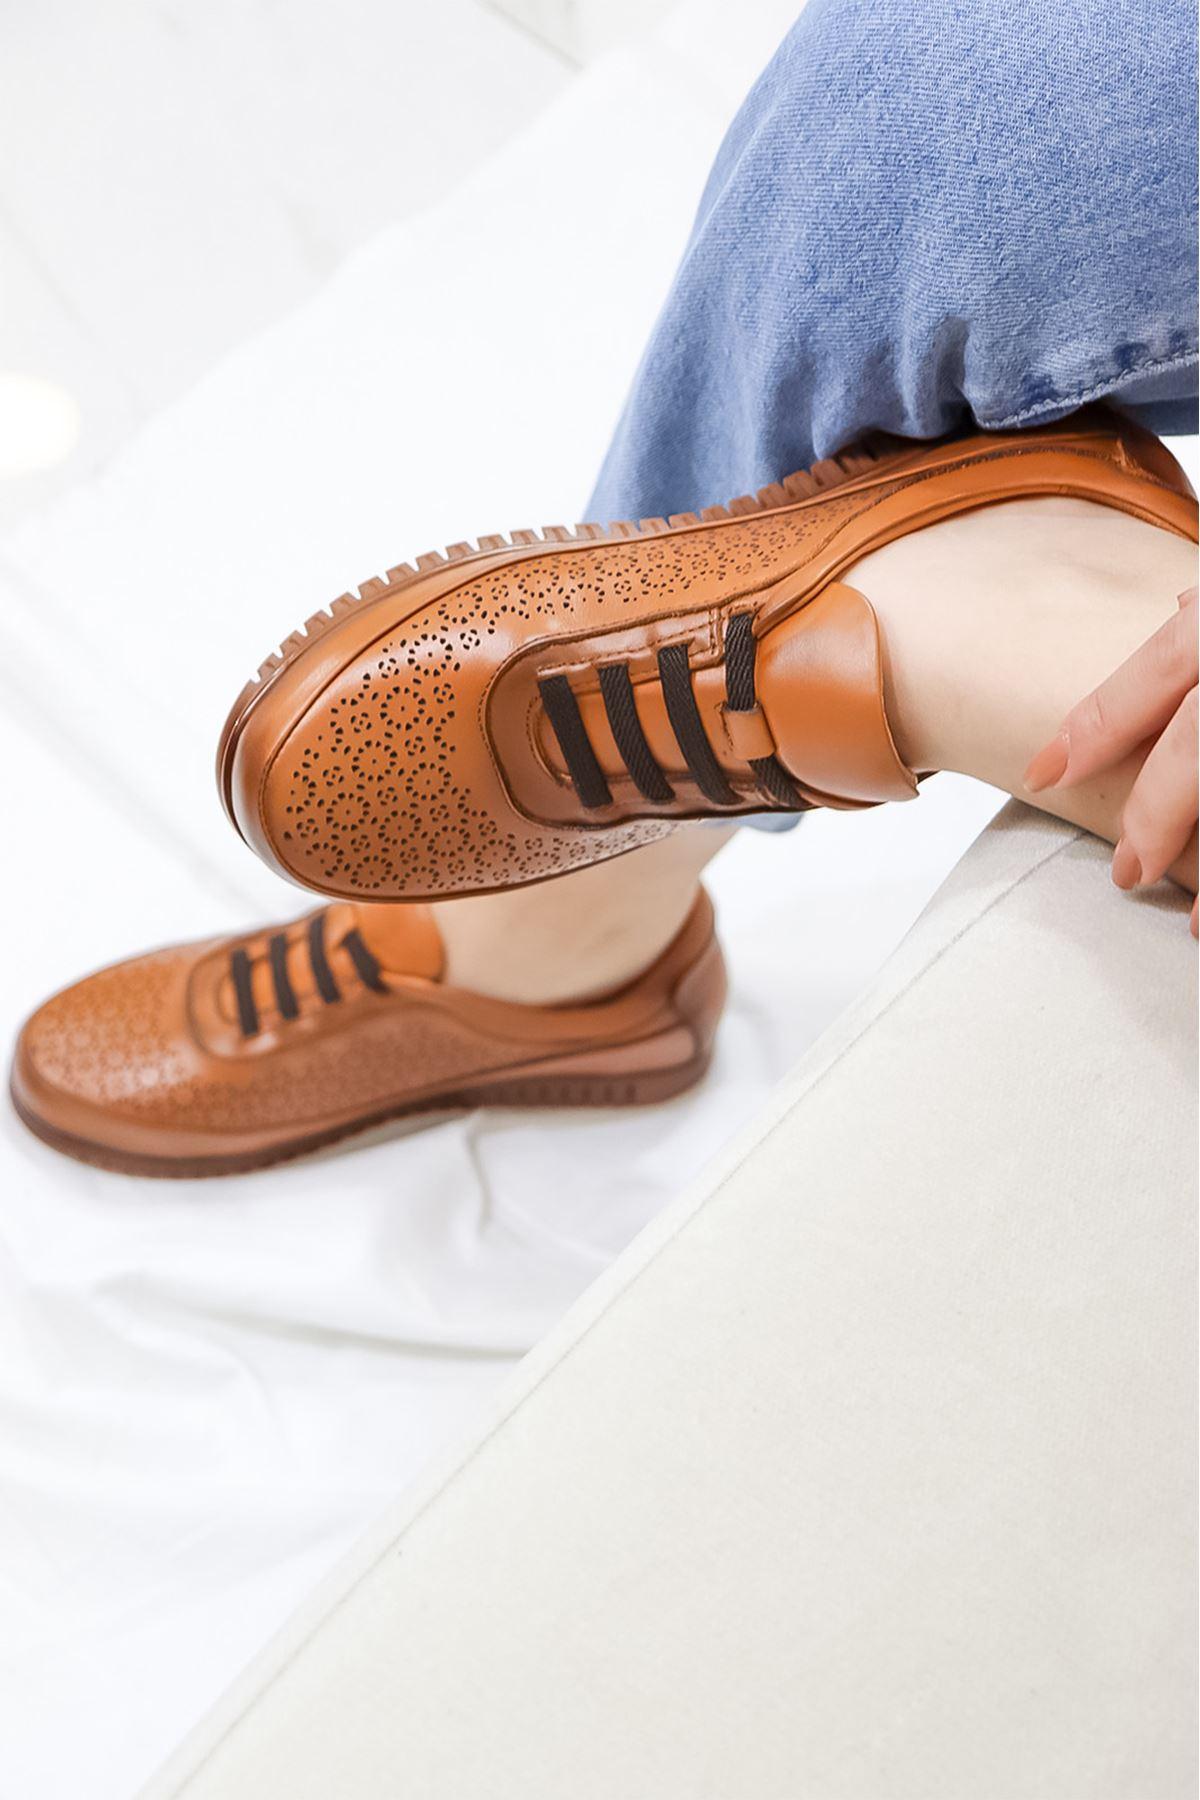 Mammamia - D21YA - 125 Taba Kadın Ayakkabısı